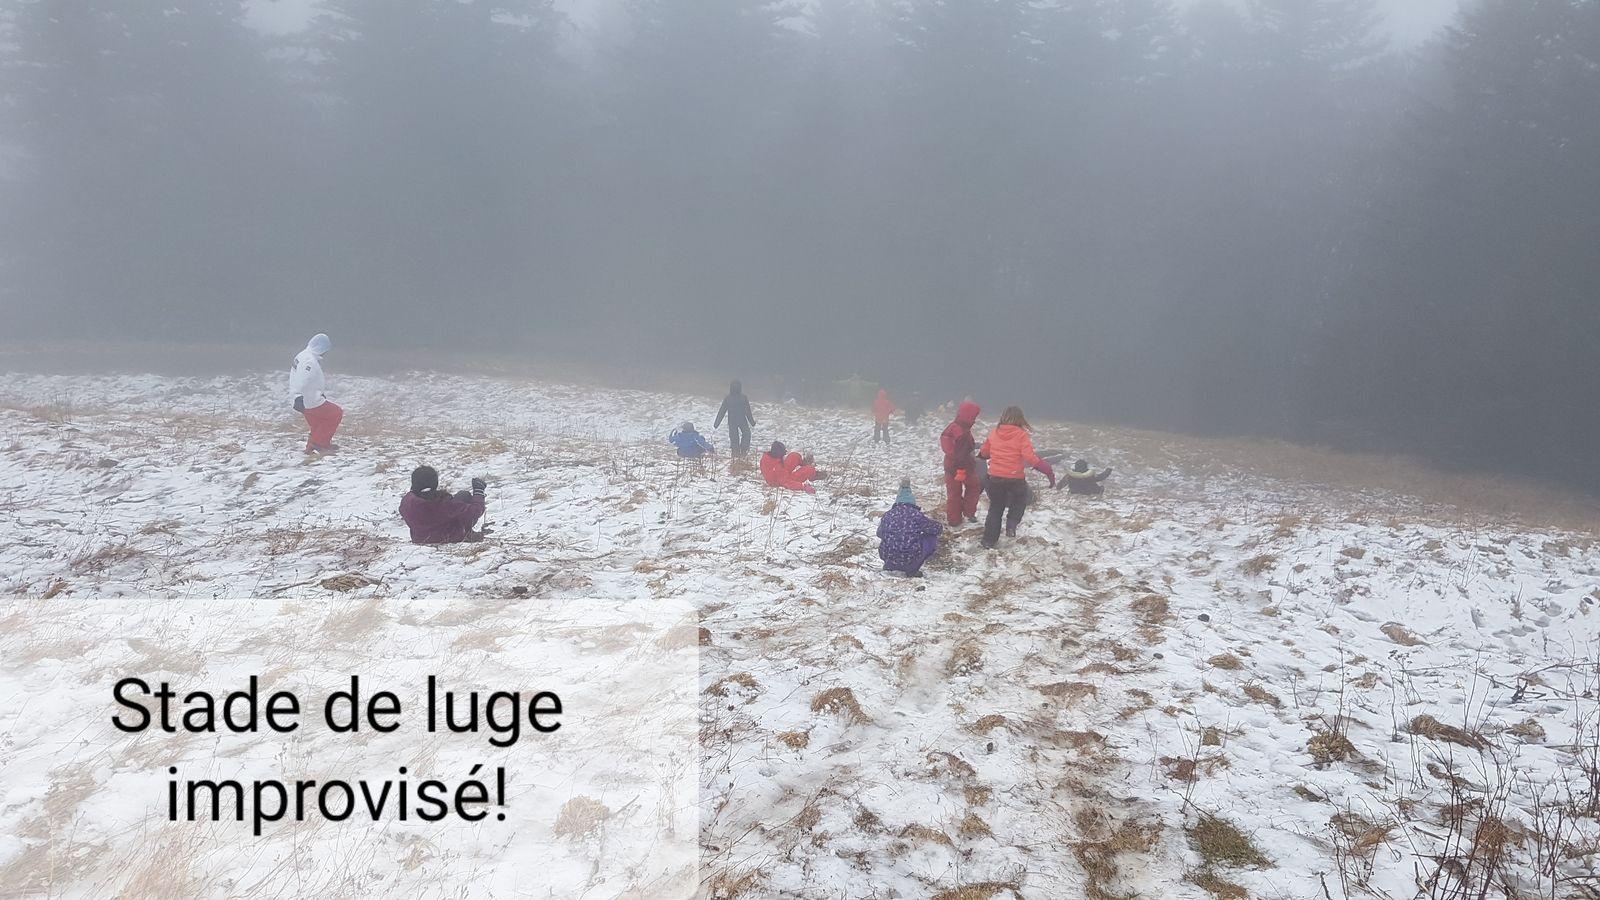 Rando raquettes sous la neige... non en vrai rando sous la pluie sur les pentes du Capucin (Humide mais intéressante !)